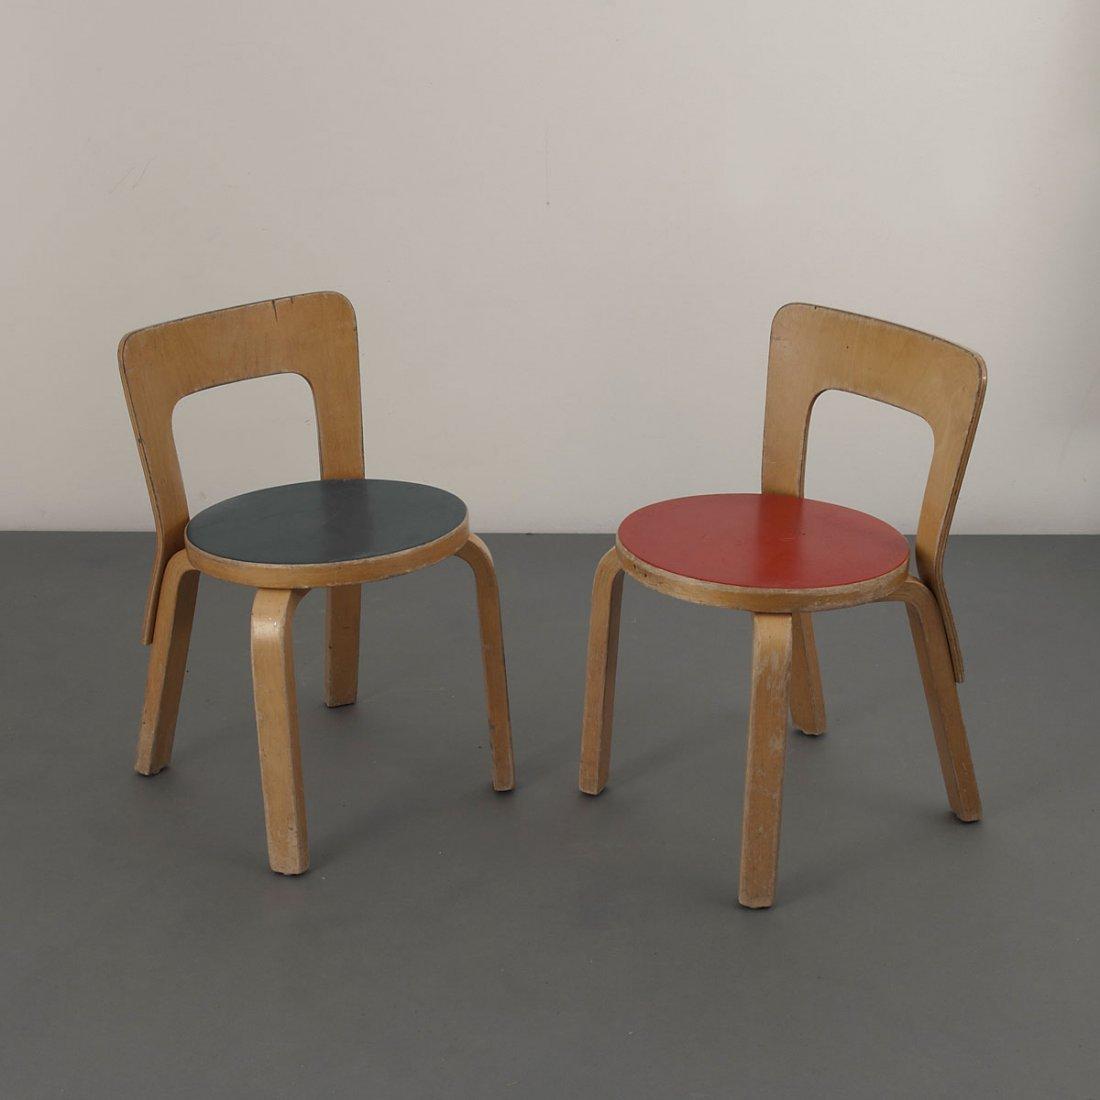 Alvar Aalto. Pair of '65' child's chairs, 1934. H. 60.5